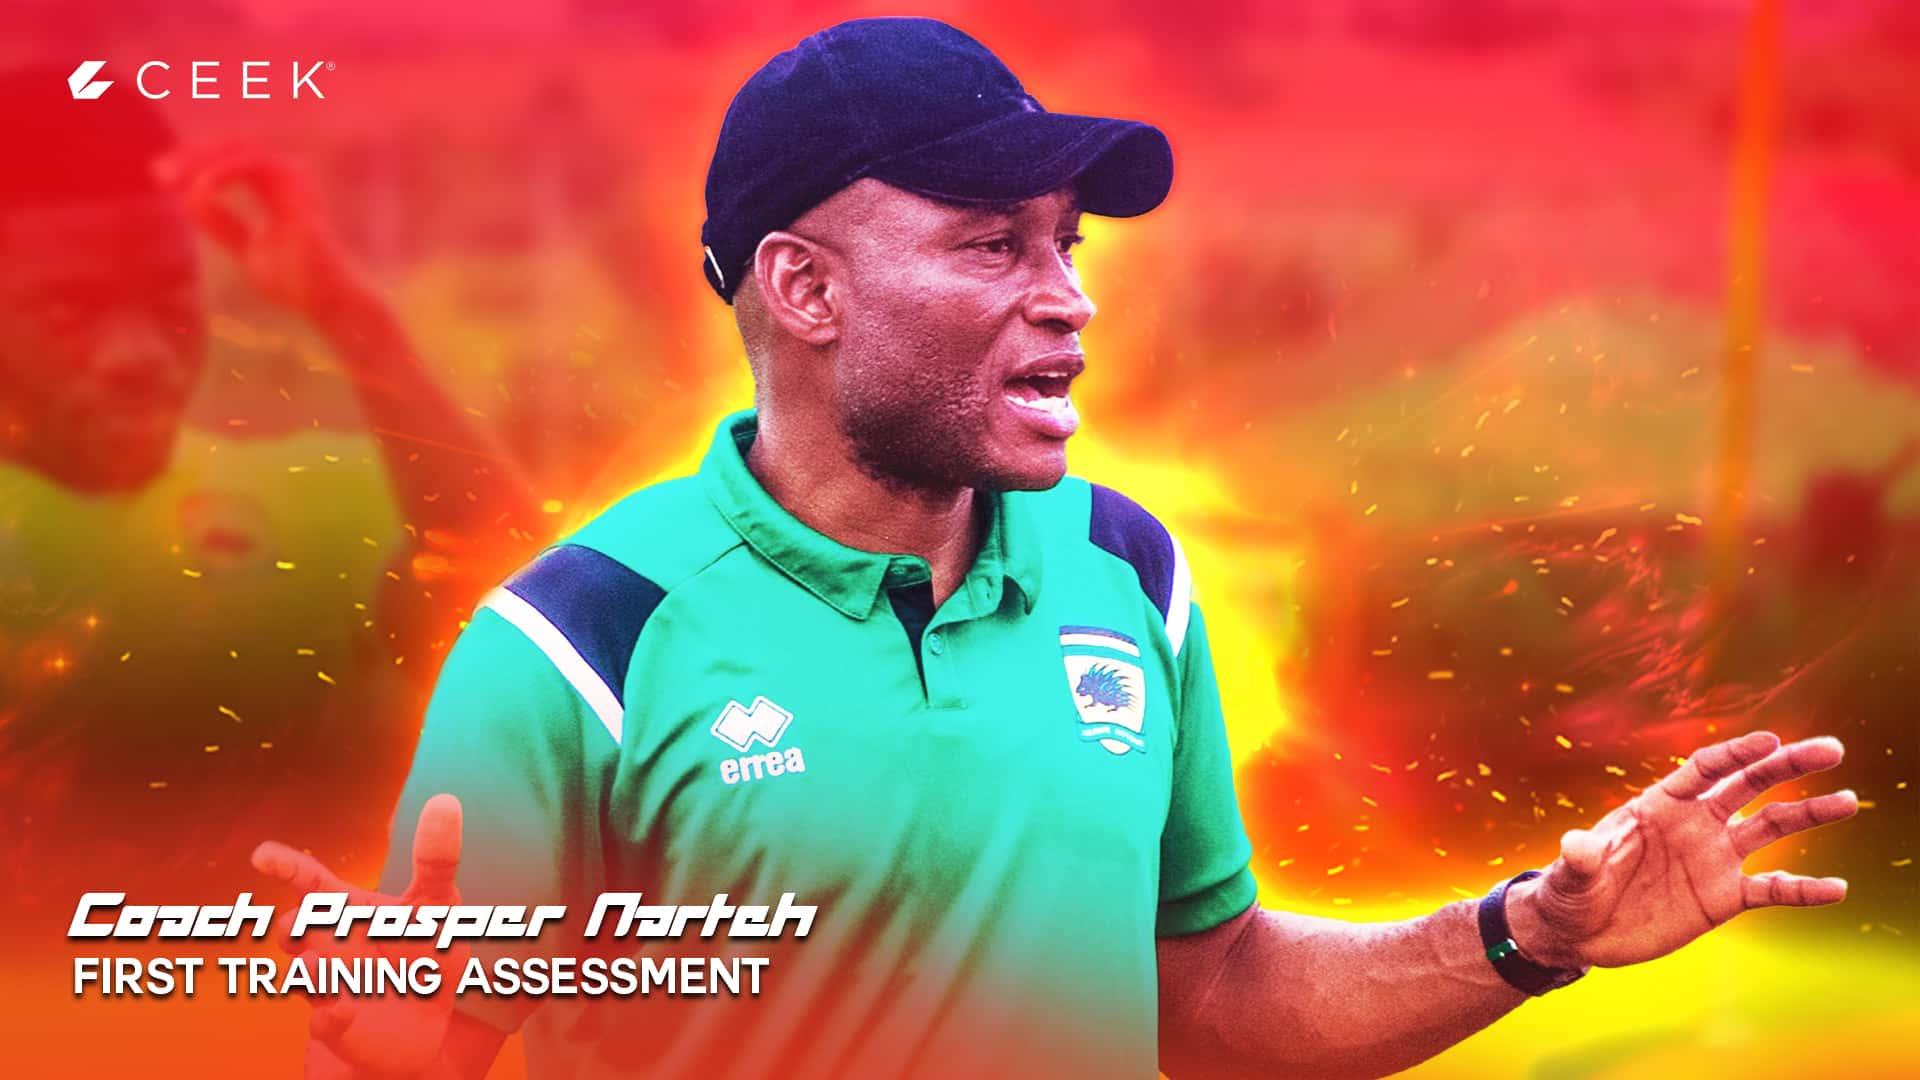 Coach Prosper Narteh First Training Assessment